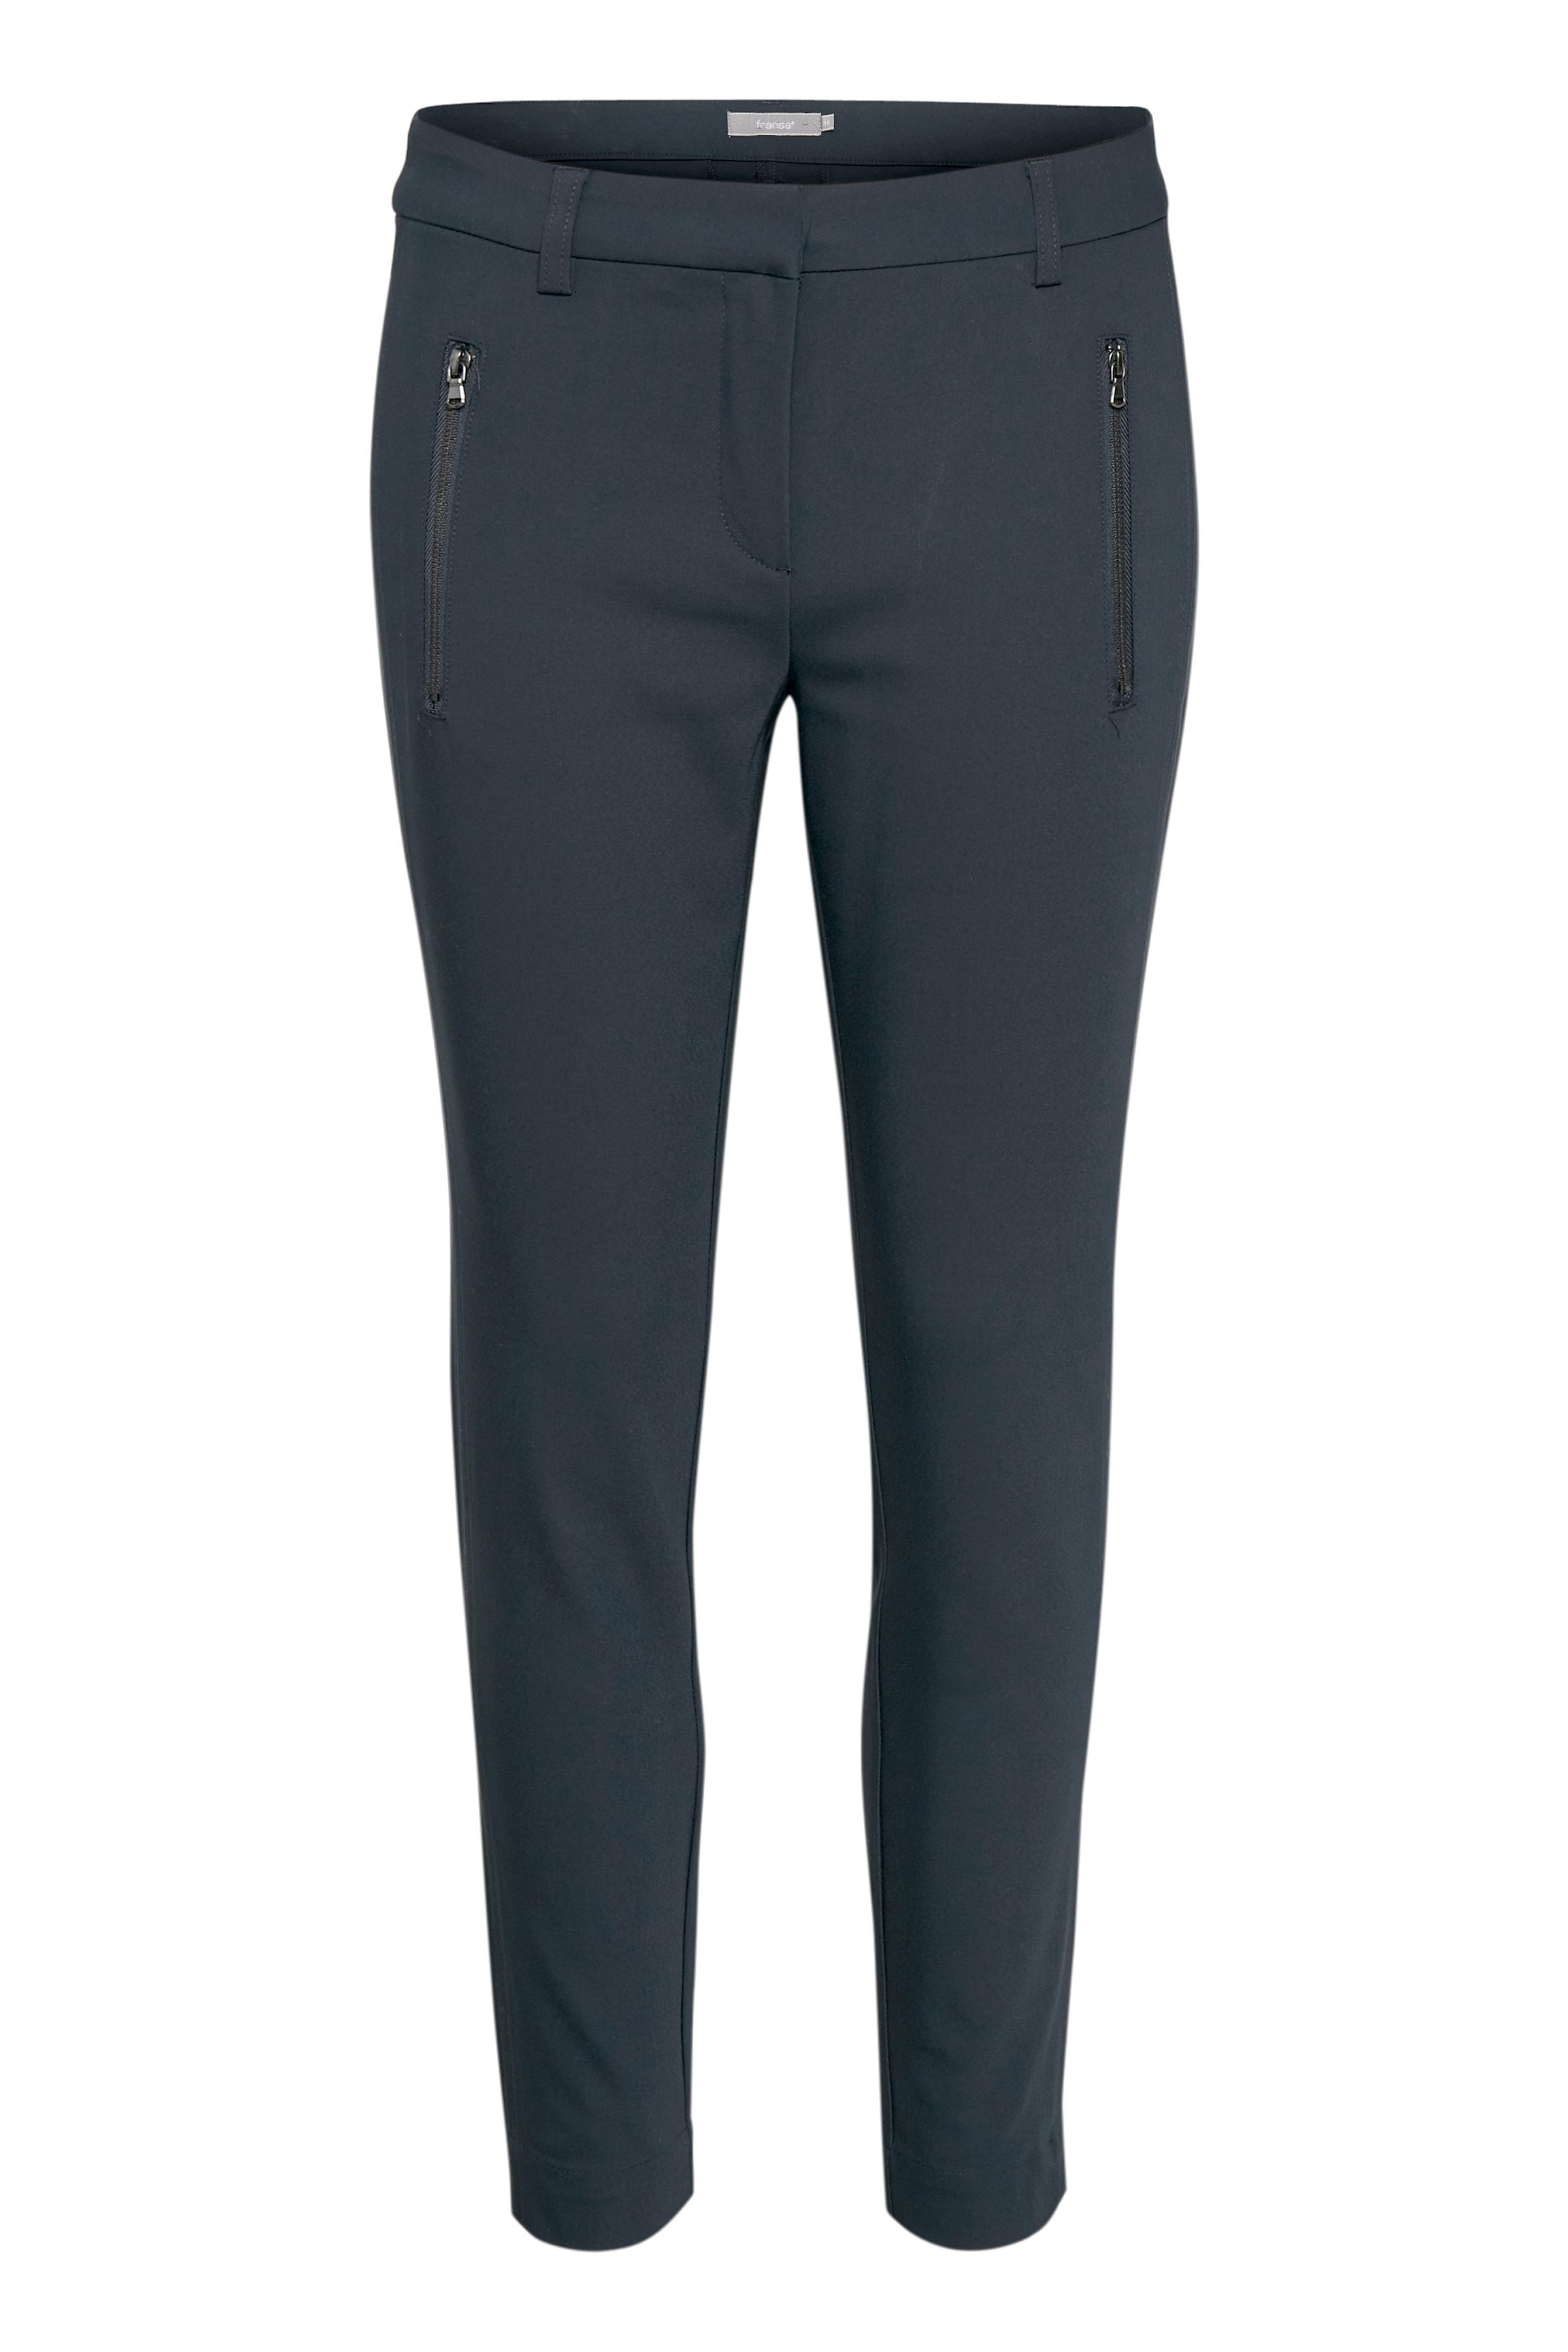 Image of Fransa Dame Ankelbukser med fast linning, bæltestropper og lynlås- og hægtelukning. Tætsiddende TOKYO fit - Marineblå